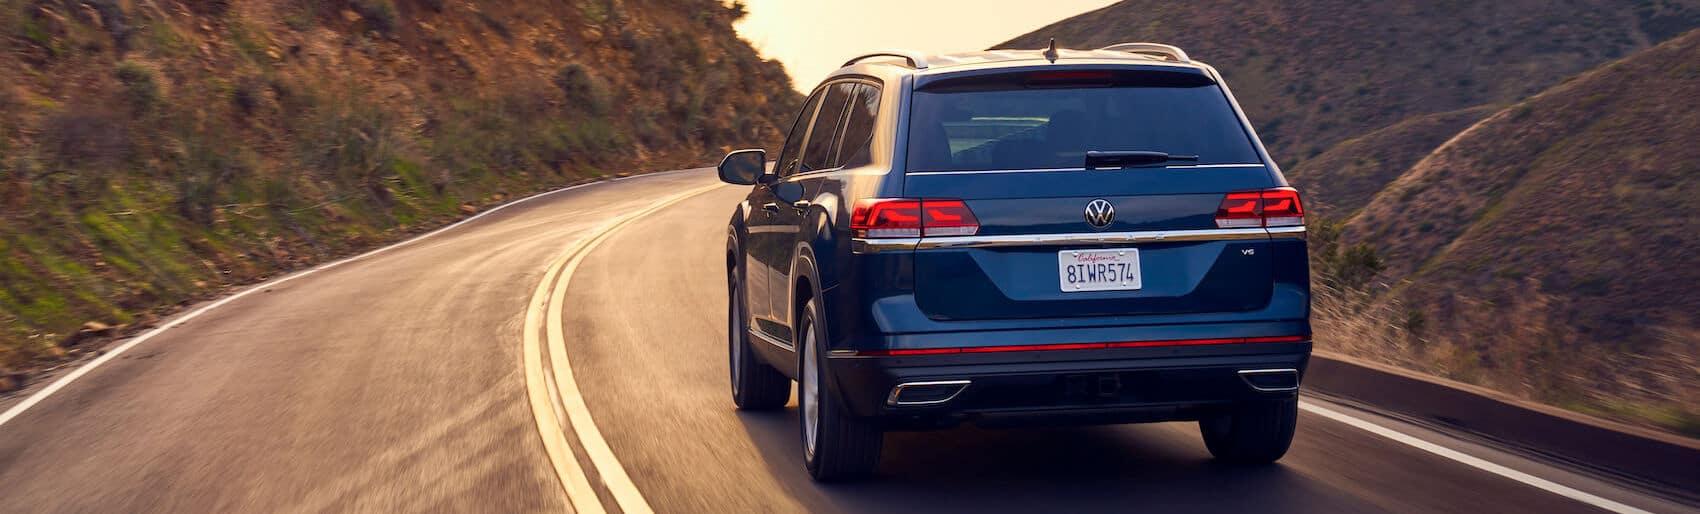 2021 Volkswagen Atlas vs 2021 Audi Q7 Littleton CO | McDonald VW